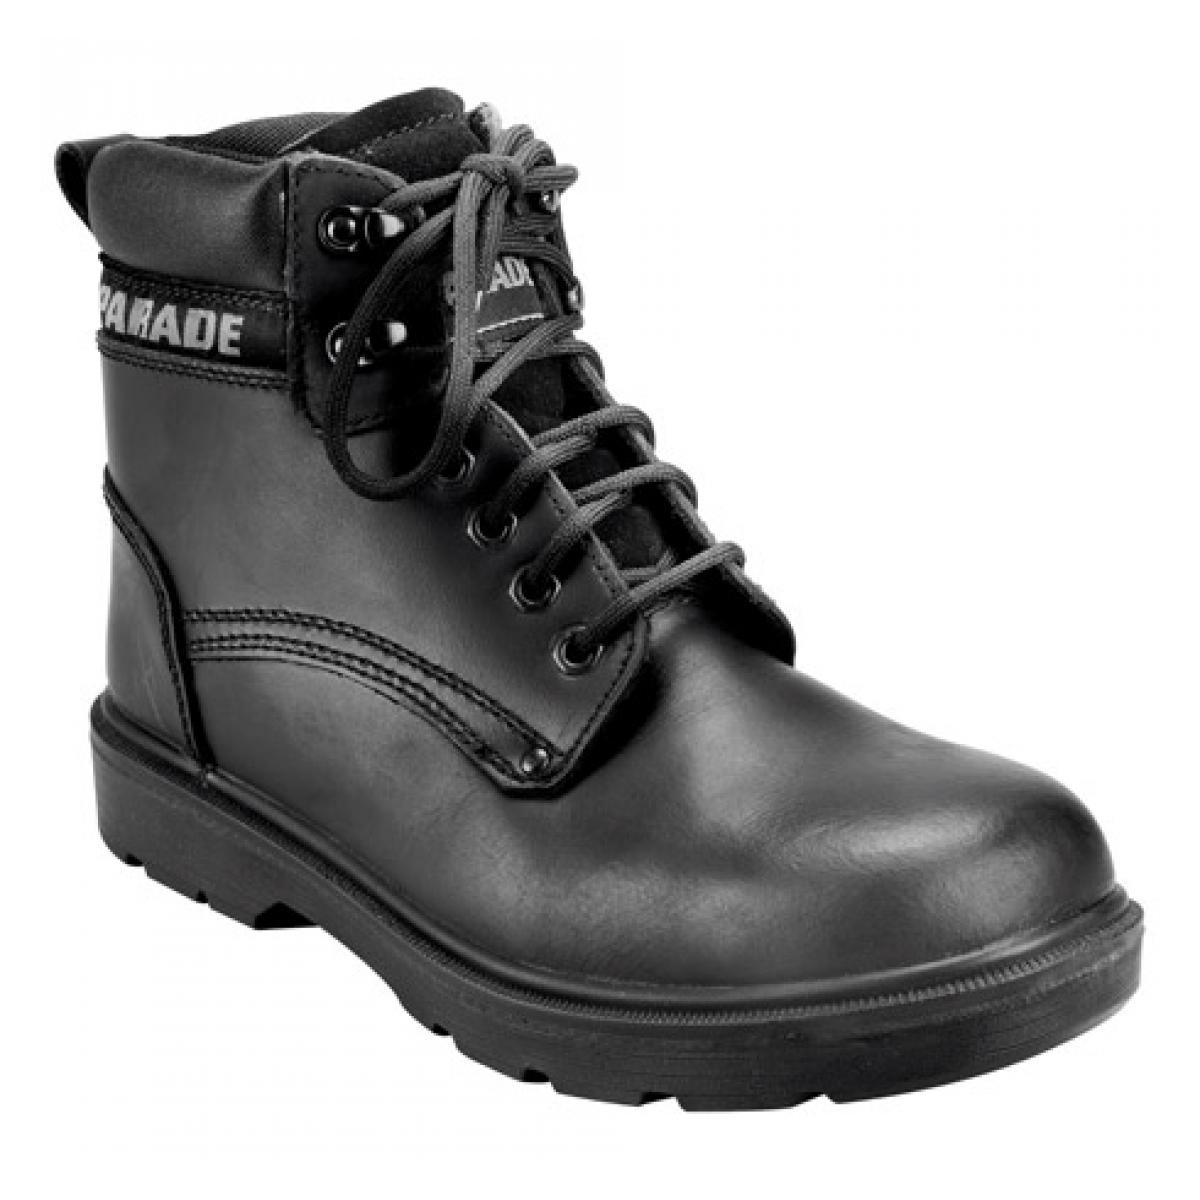 Parade Paire de chaussures brodequins Parade Kansas - noir - Pointure 44